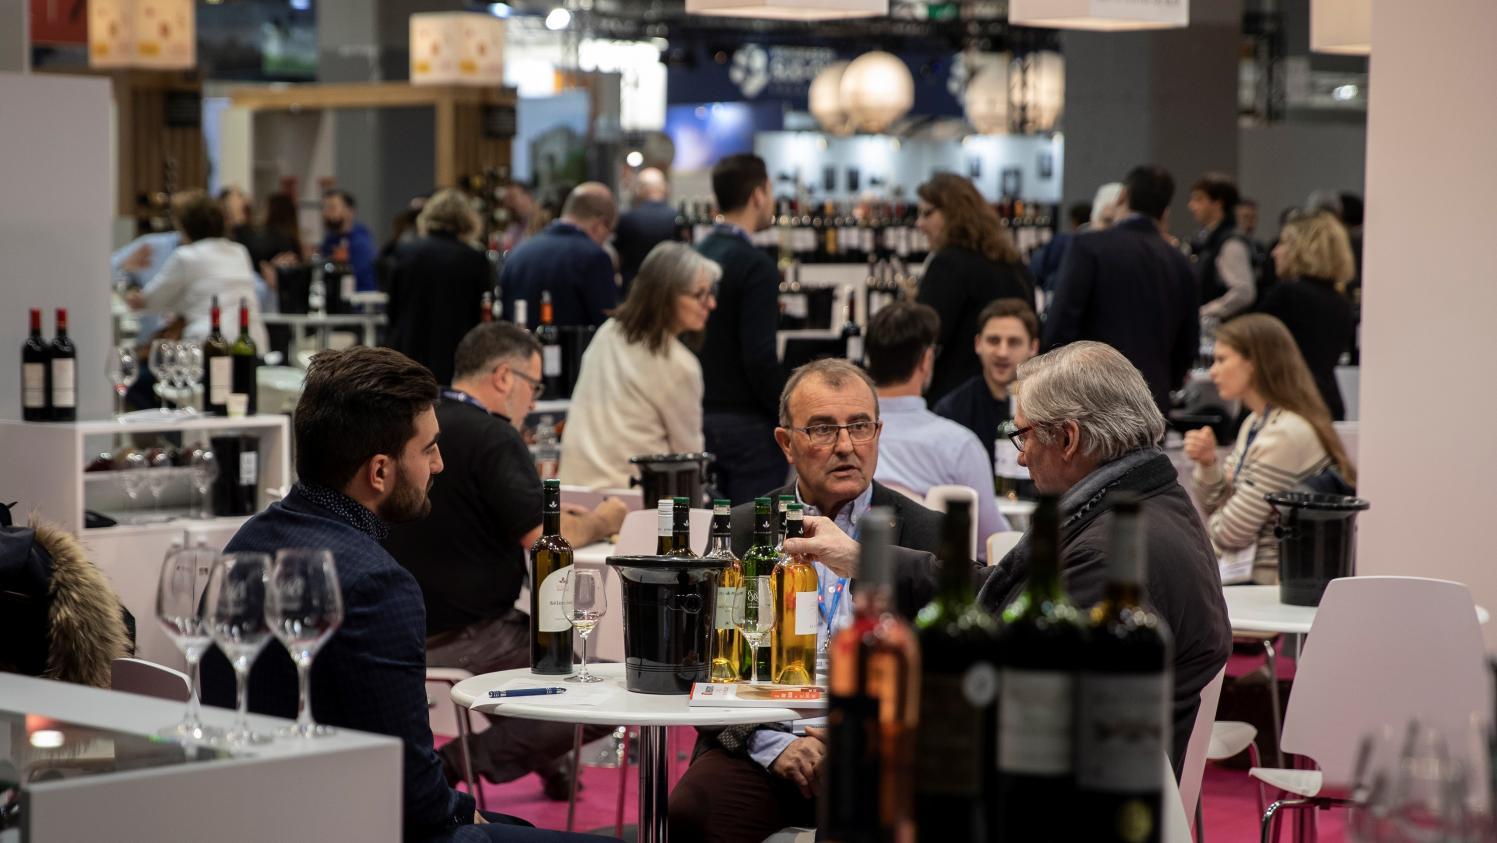 Les taxes de Donald Trump menacent 100 000 emplois en France, selon les professionnels du secteur viticole